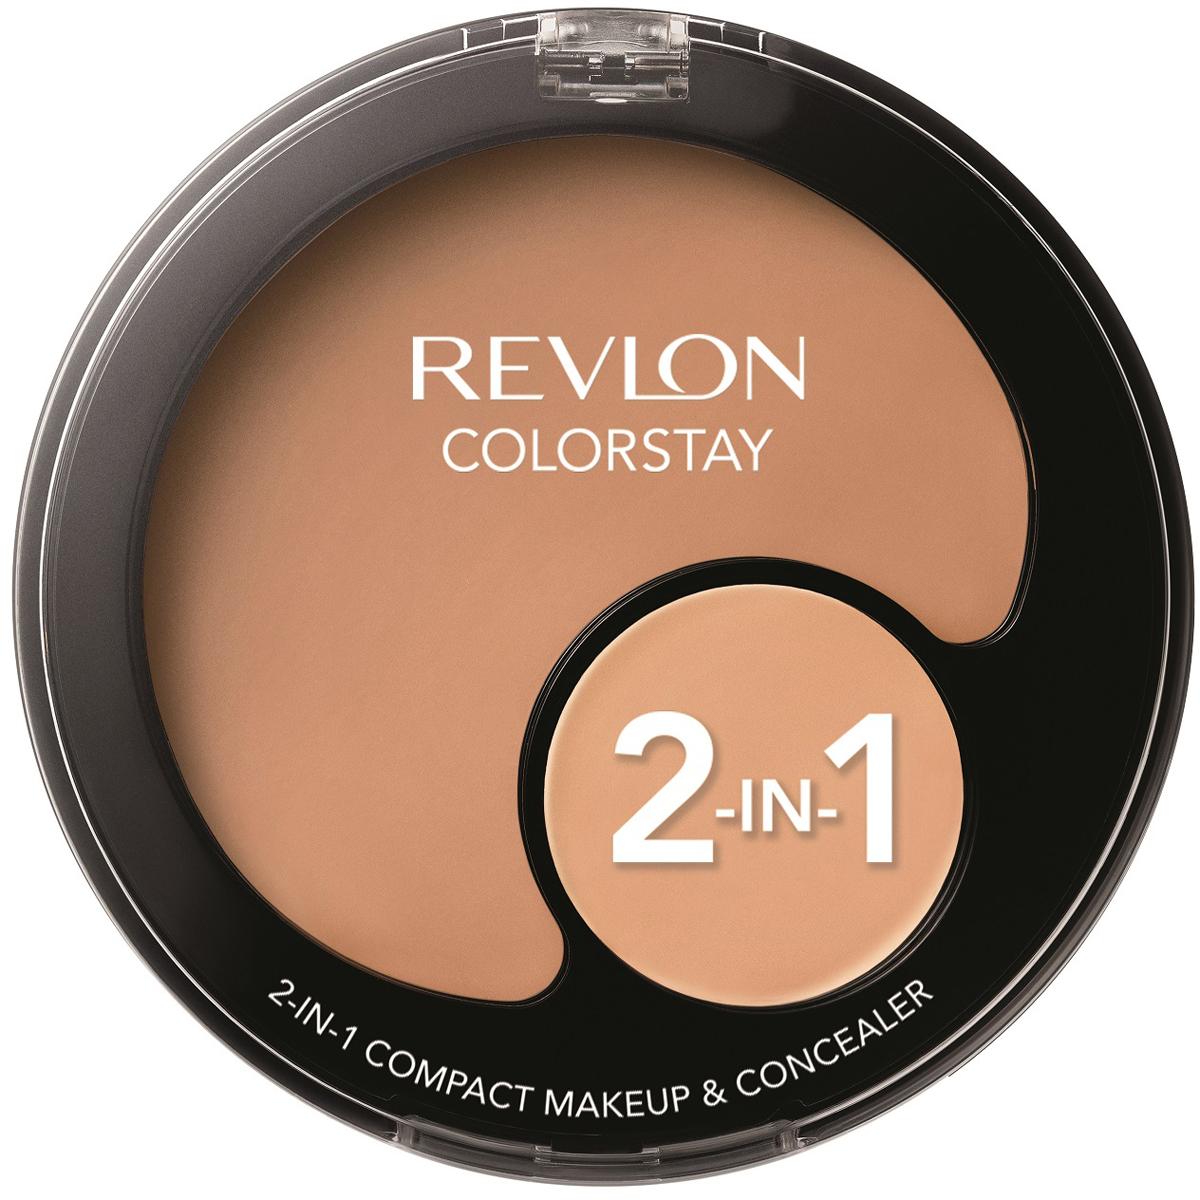 Revlon Тональная основа + консилер 2 в 1 colorstay, тон №240, 11 г7213147030Твой идеальный тон лица вместе с Revlon Colorstay 2 in 1. Тональная основа + консилер. Удобно вдвойне.